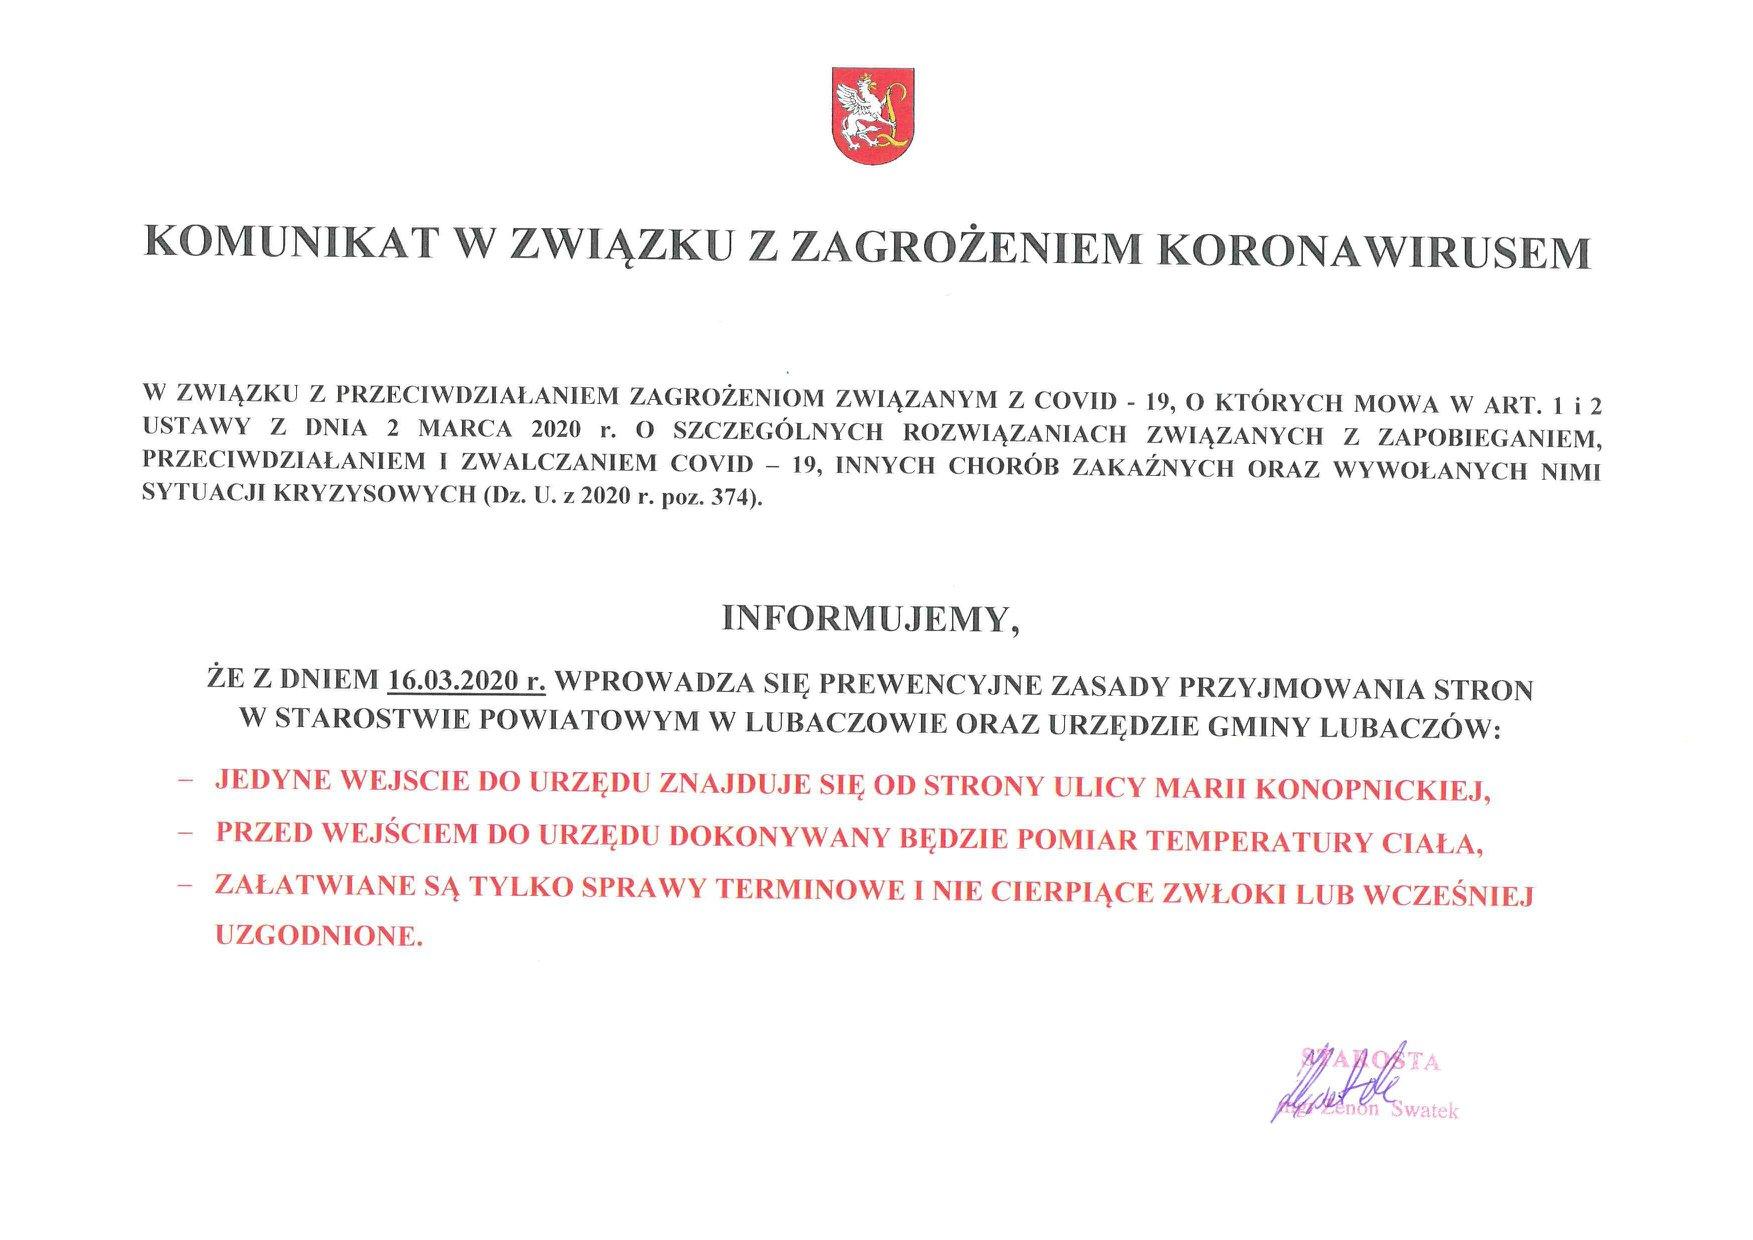 trendinfo.club - Informacje z Lubaczowa, powiatu